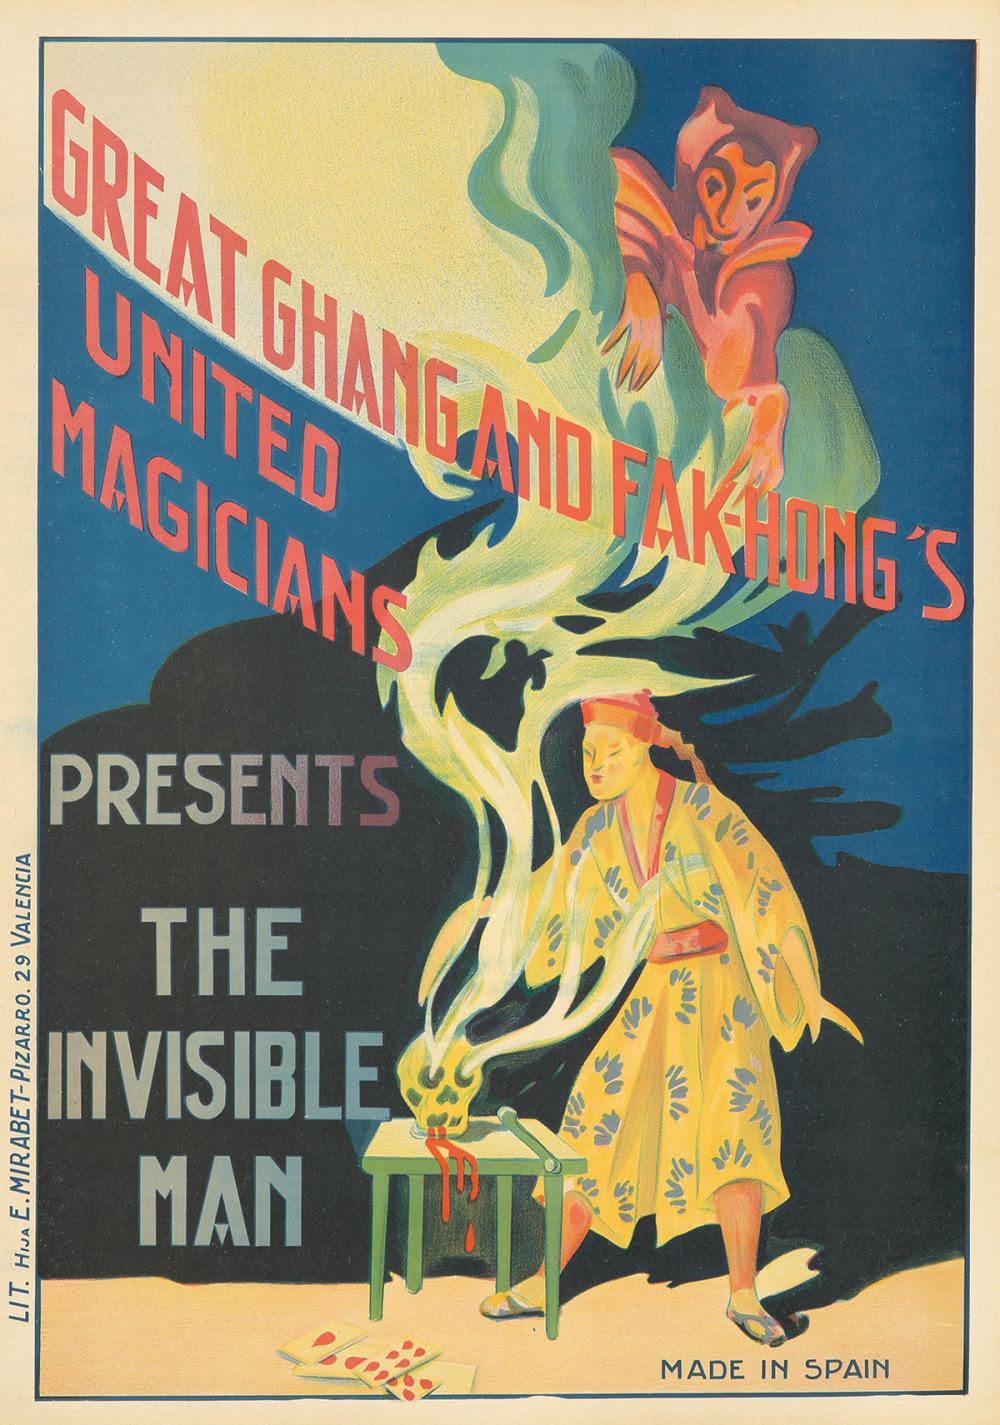 Great Chang and Fak-Hong's / The Invisible Man. ca. 1922.